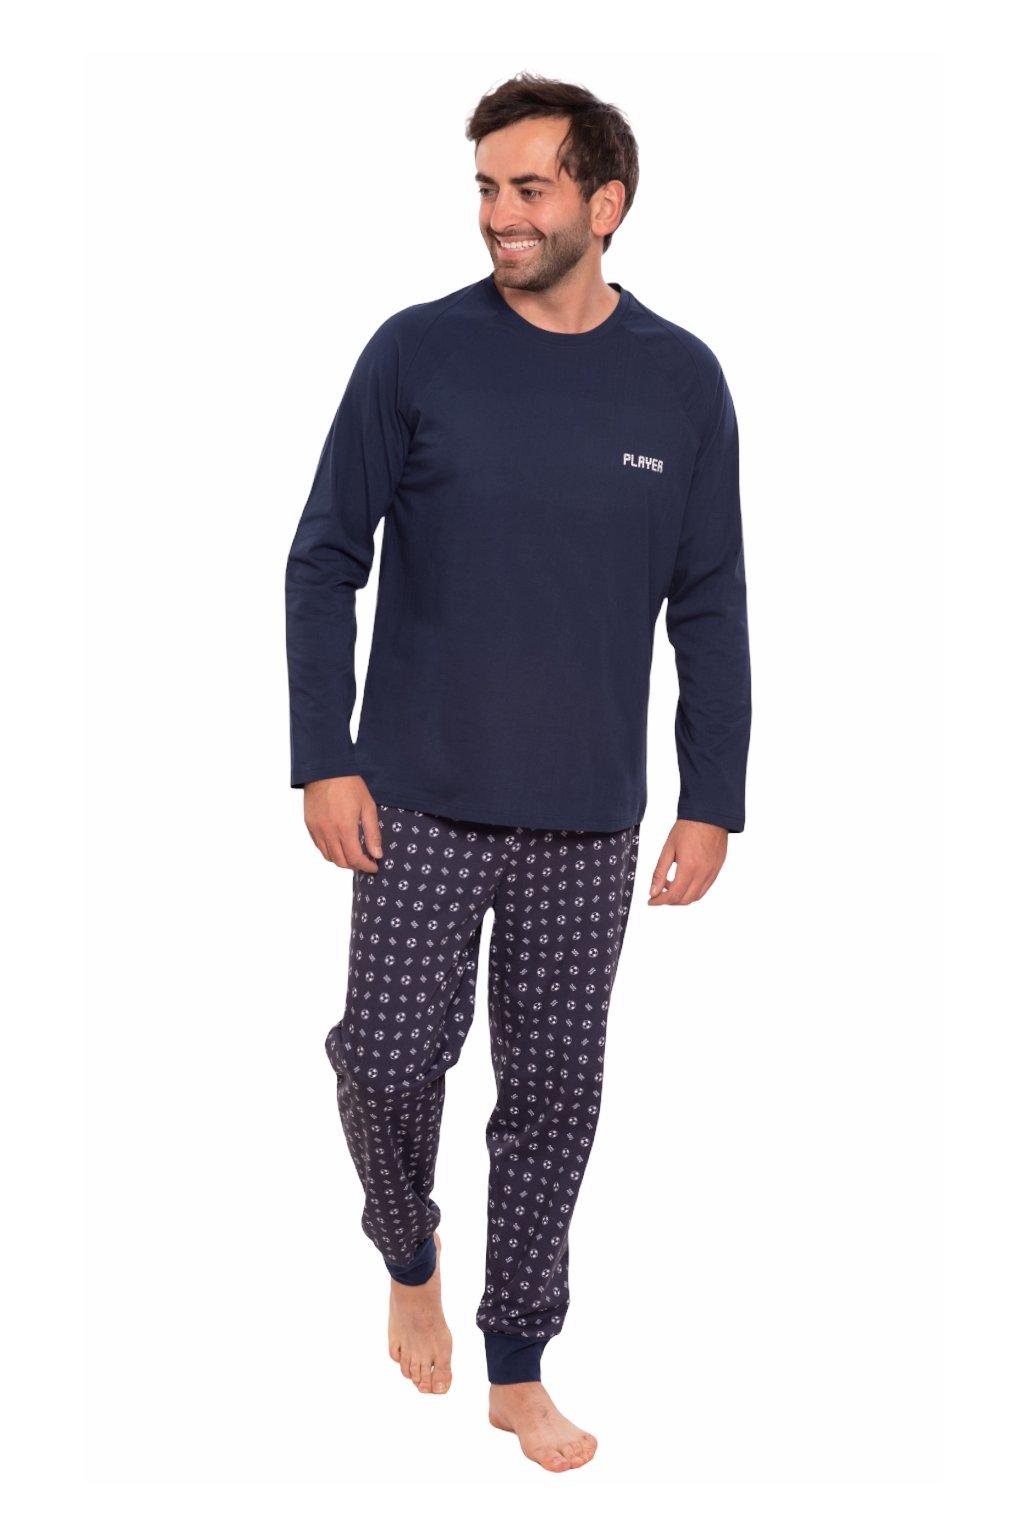 Pánské pyžamo s dlouhým rukávem, 204156 28, modrá